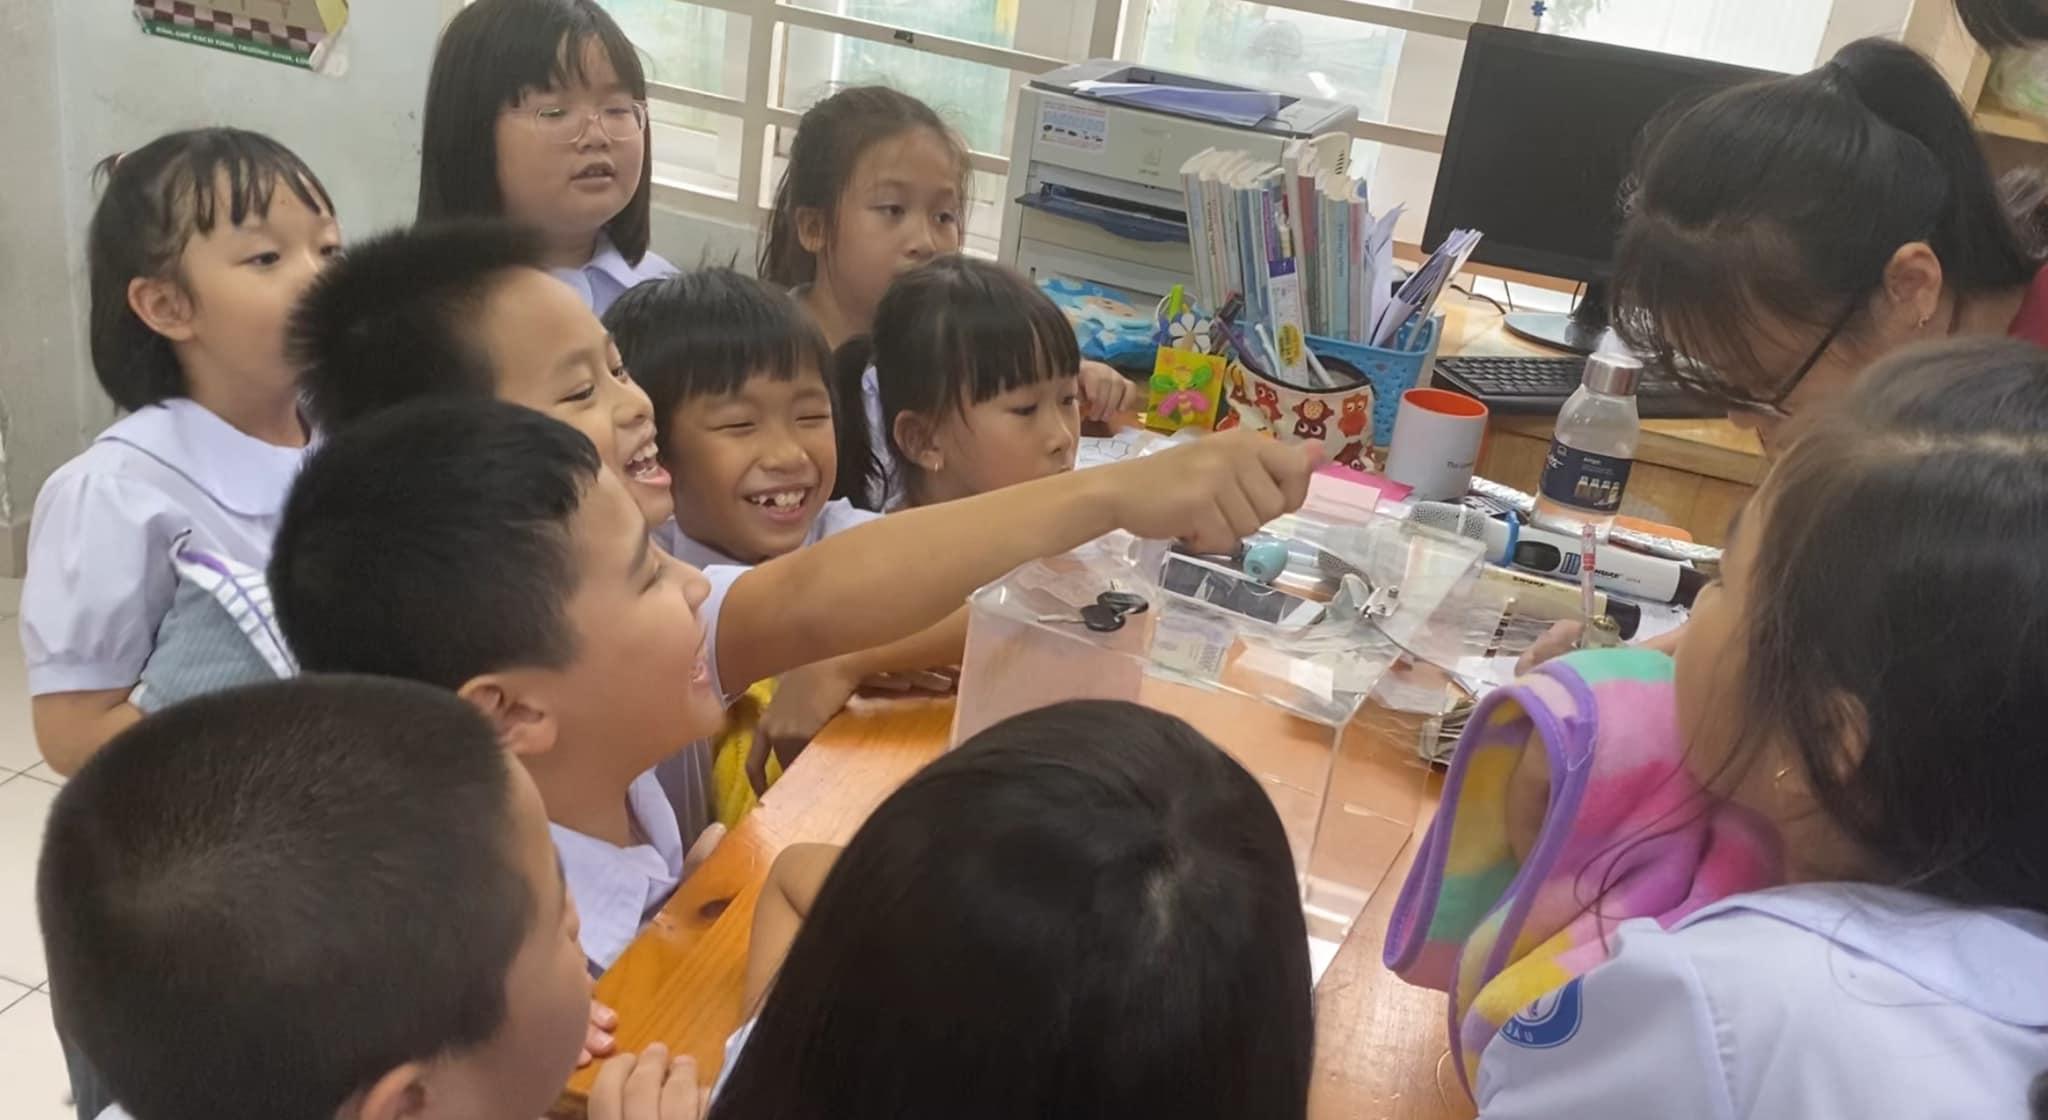 Cả lớp cùng phụ huynh lớp bé Ken đang học đều hưởng ứng nhiệt tình kế hoạch của cậu bé.